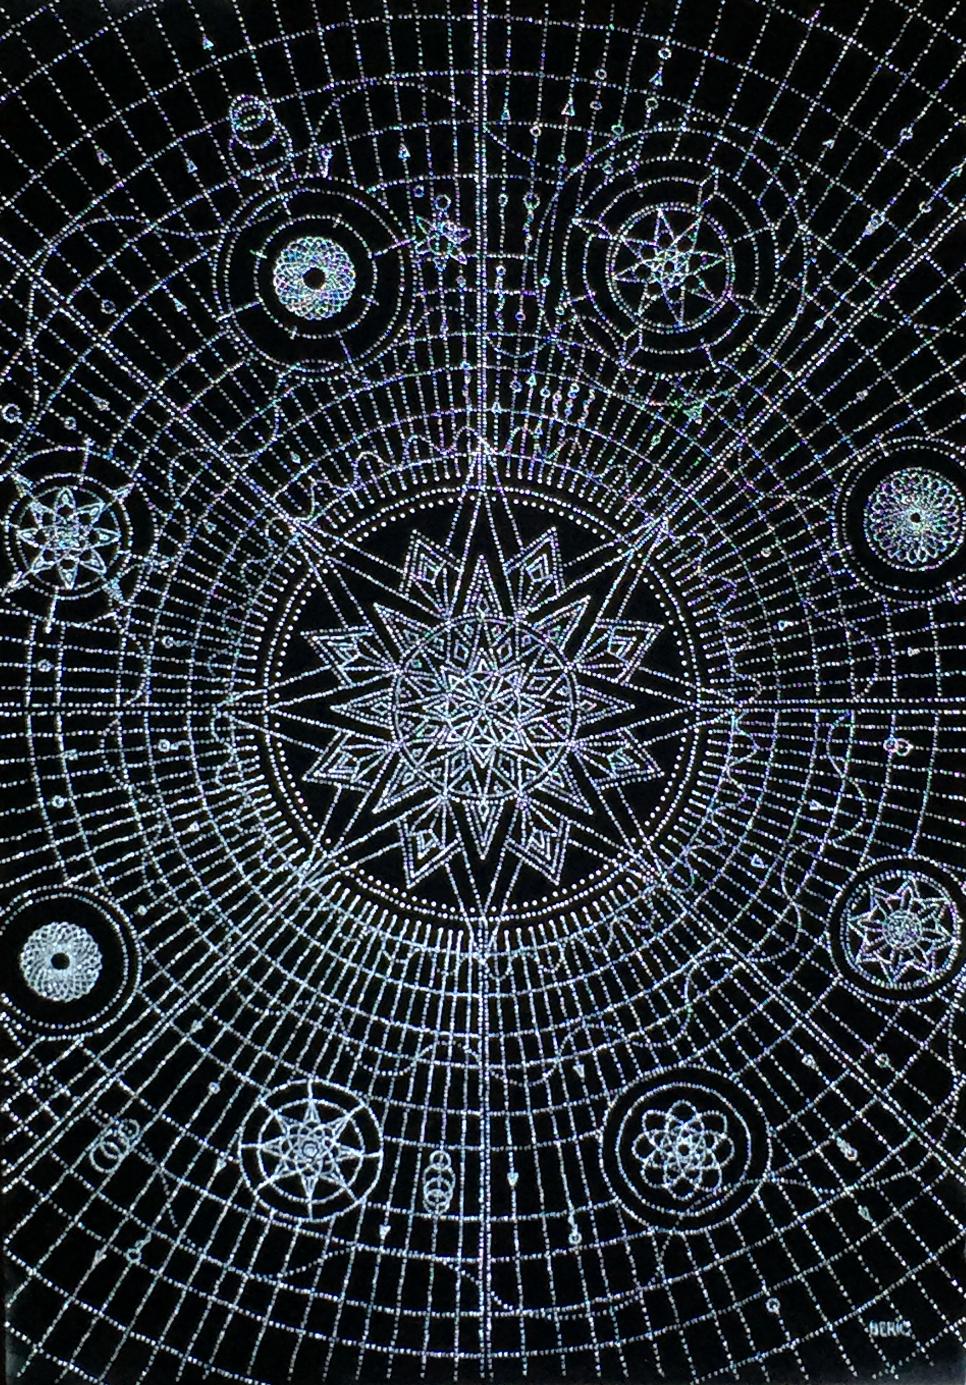 Celestial #3 2015